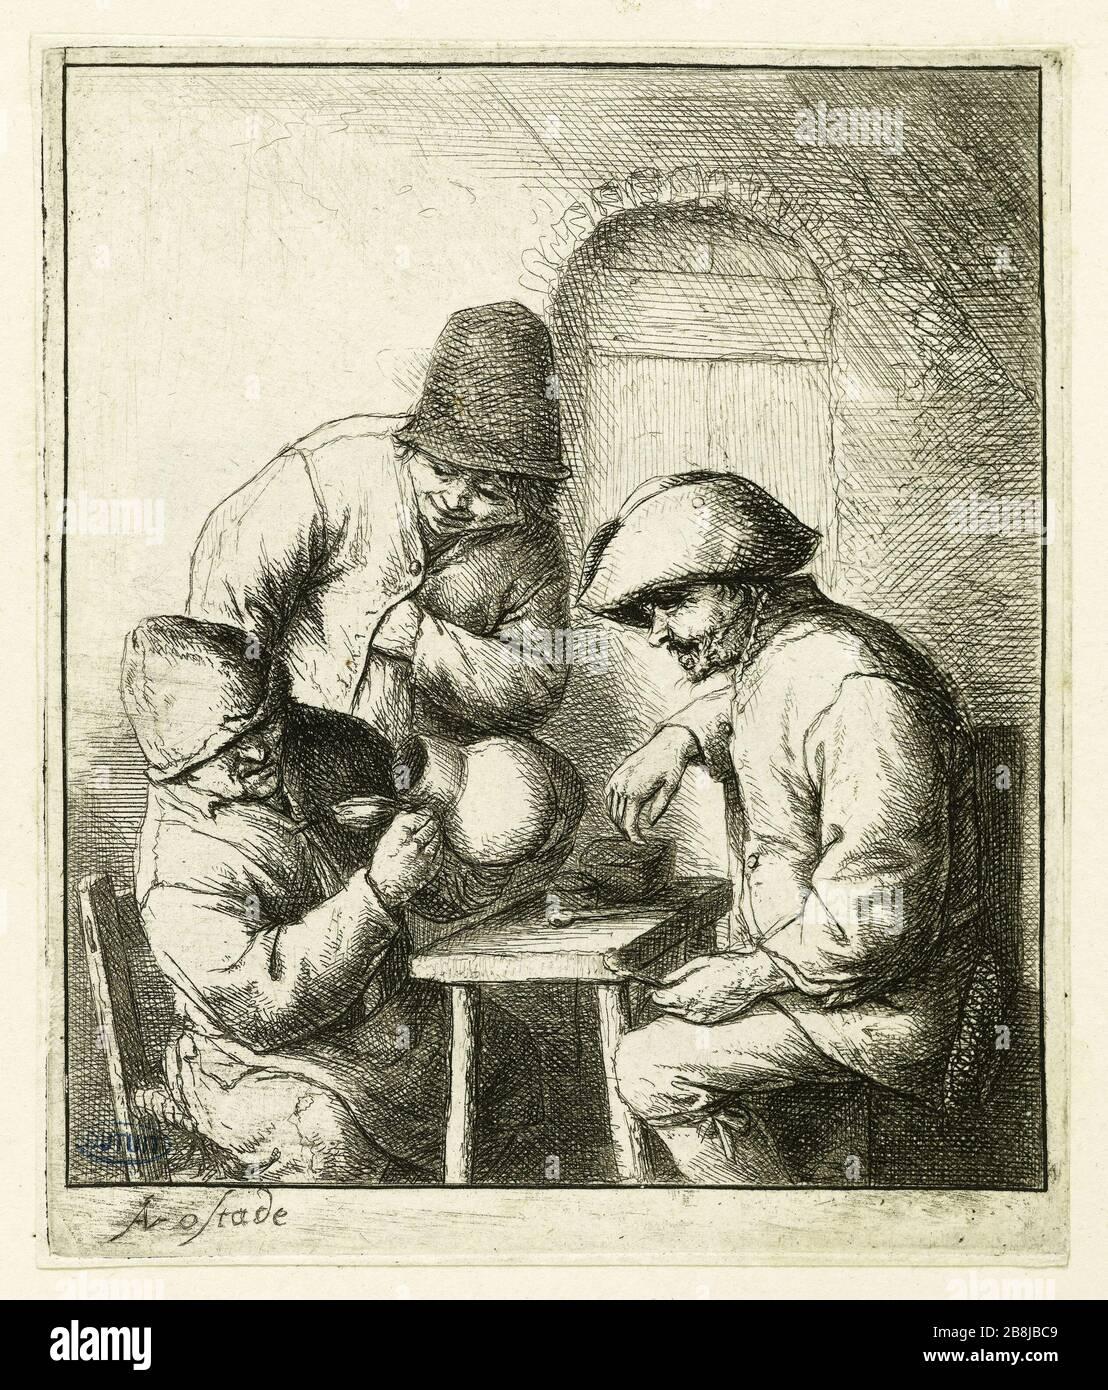 La cruche vide (Bartsch 15) Adriaen Van Ostad (1610-1685). La cruche vide (Bartsch 15). Eau-forte, vers 1653. Musée des Beaux-Arts de la Ville de Paris, petit Palais. Banque D'Images